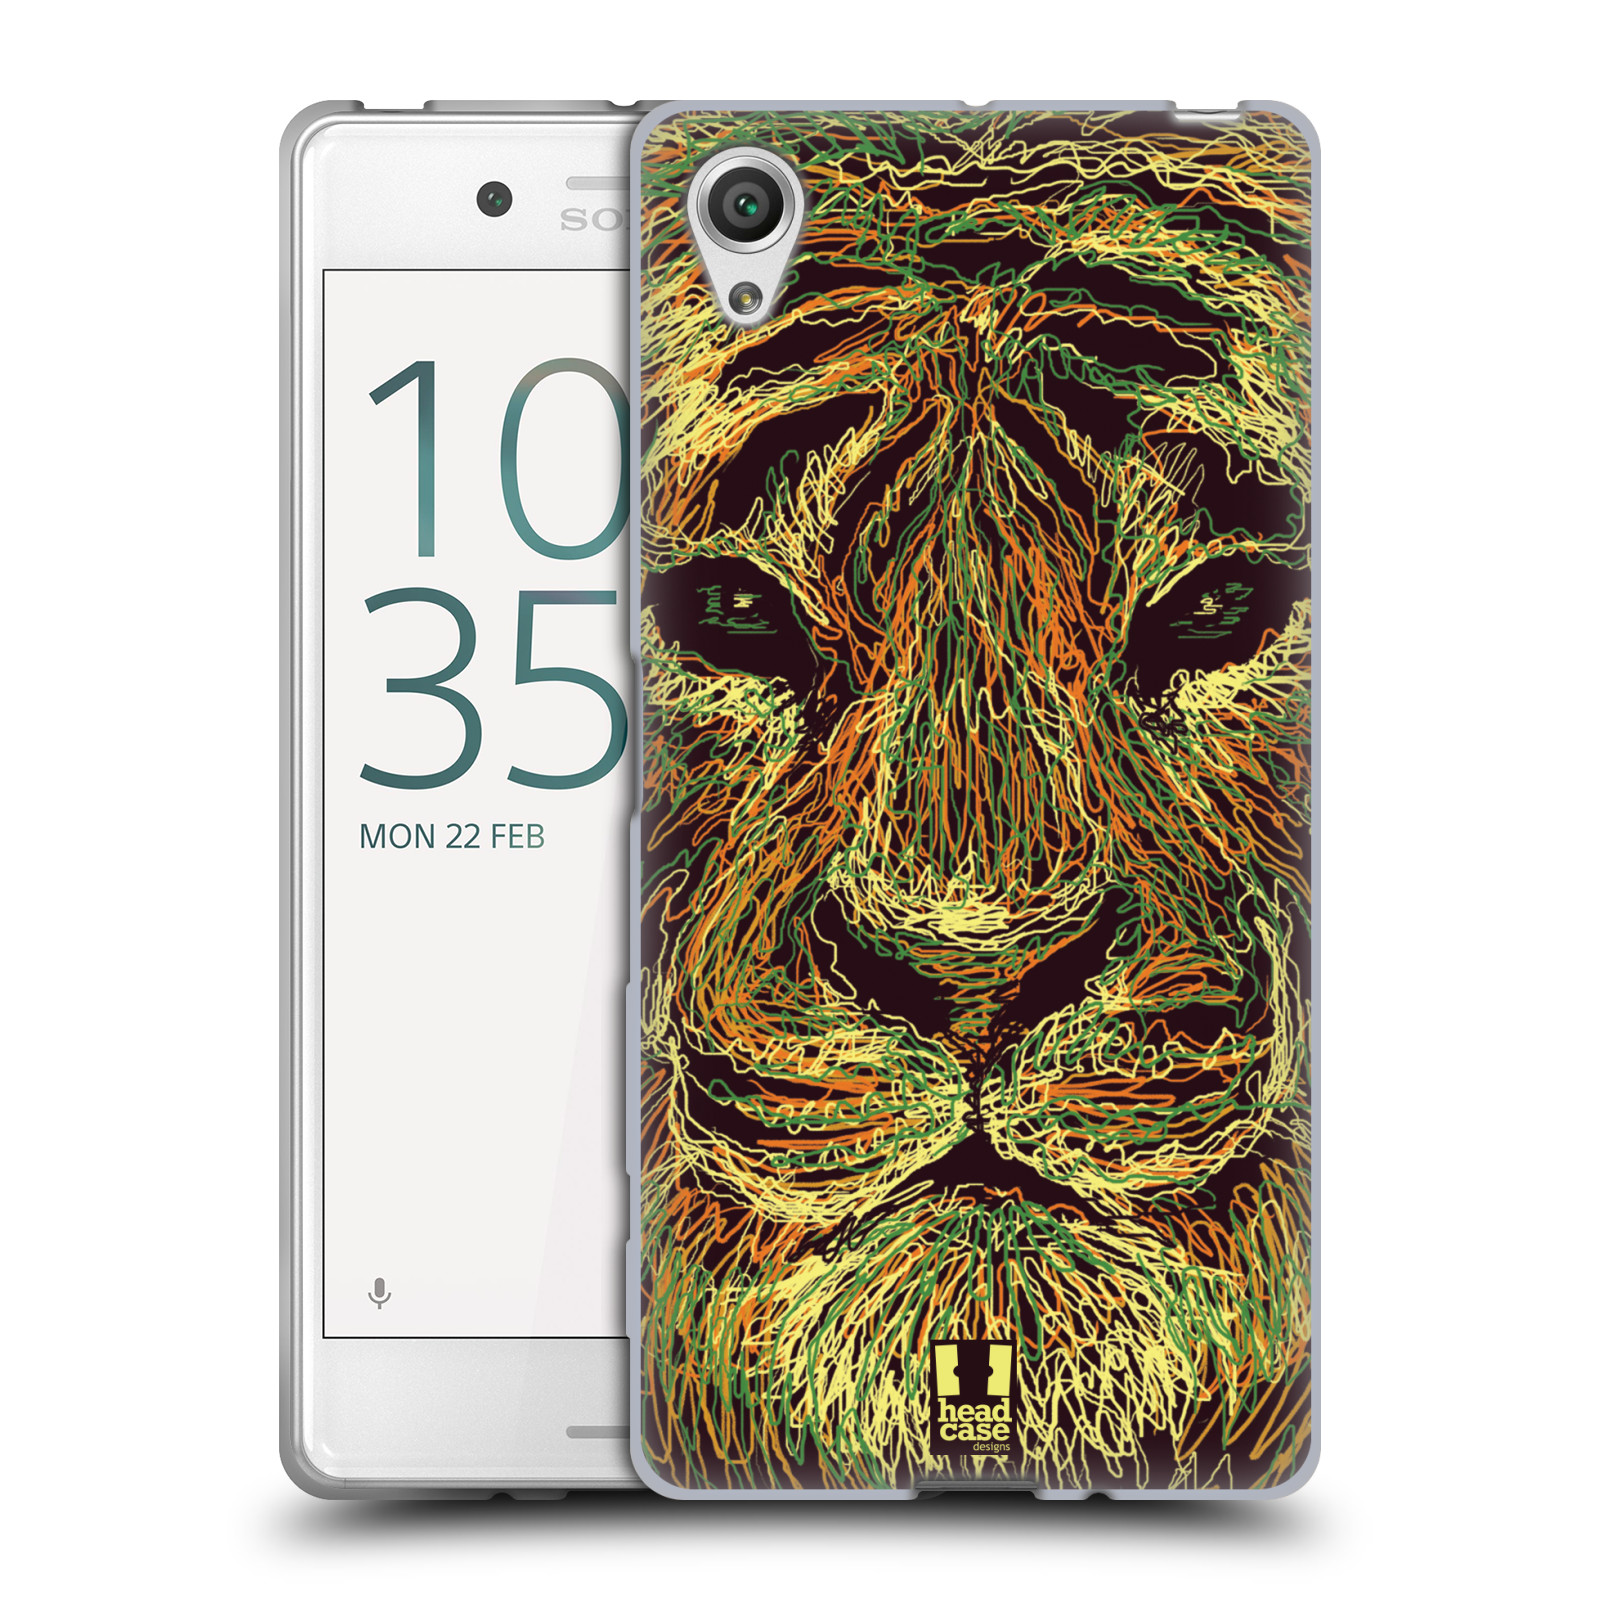 HEAD CASE silikonový obal na mobil Sony Xperia X / X DUAL vzor zvíře čmáranice tygr